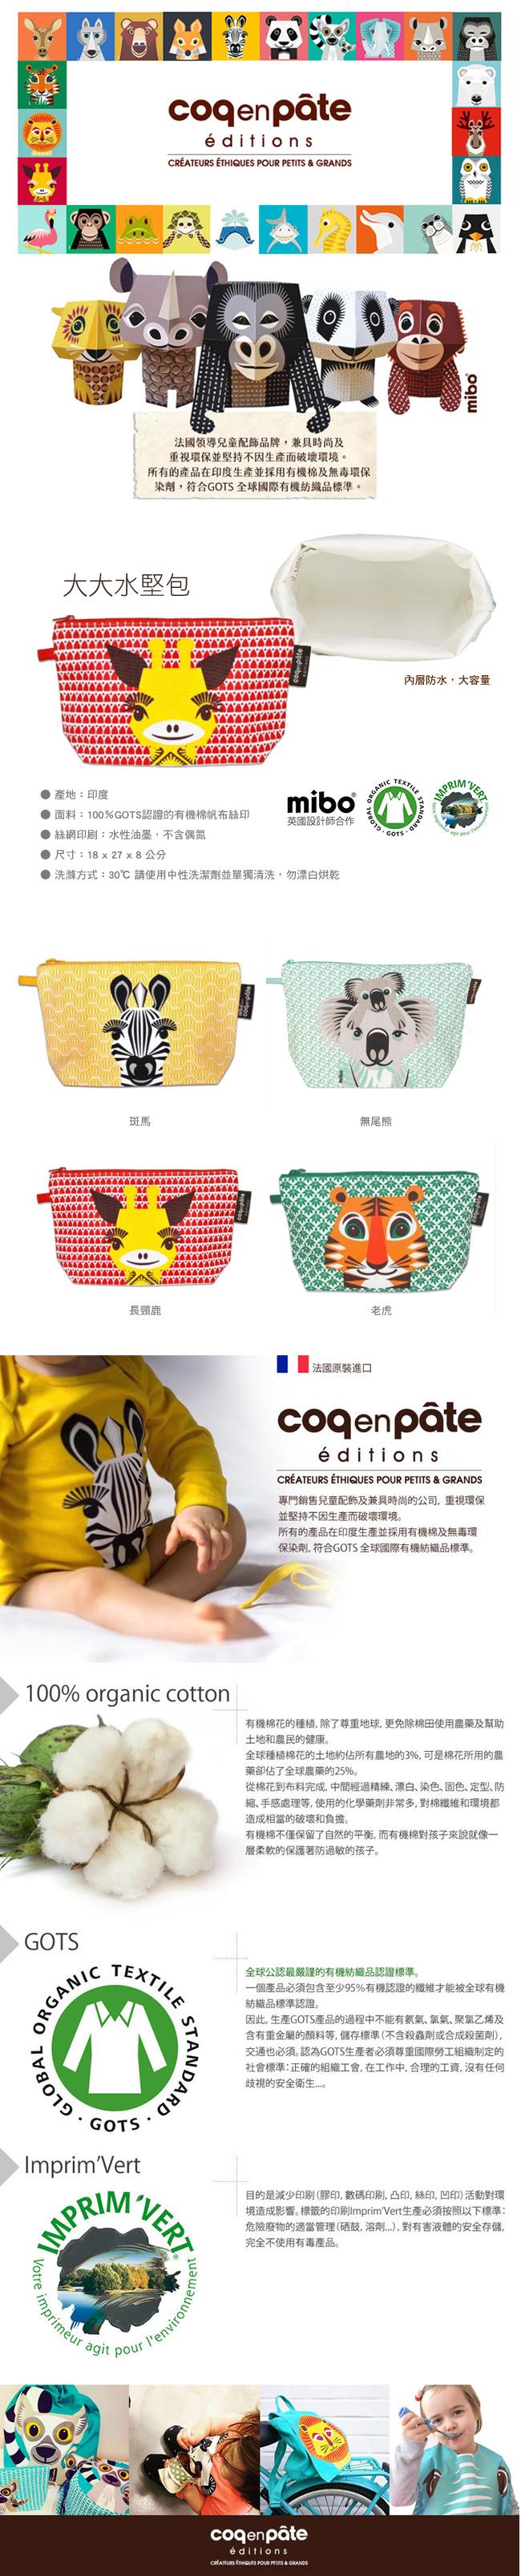 (複製)(複製)COQENPATE│法國有機棉無毒環保布包 / 方方兒拎出門 - 無尾熊